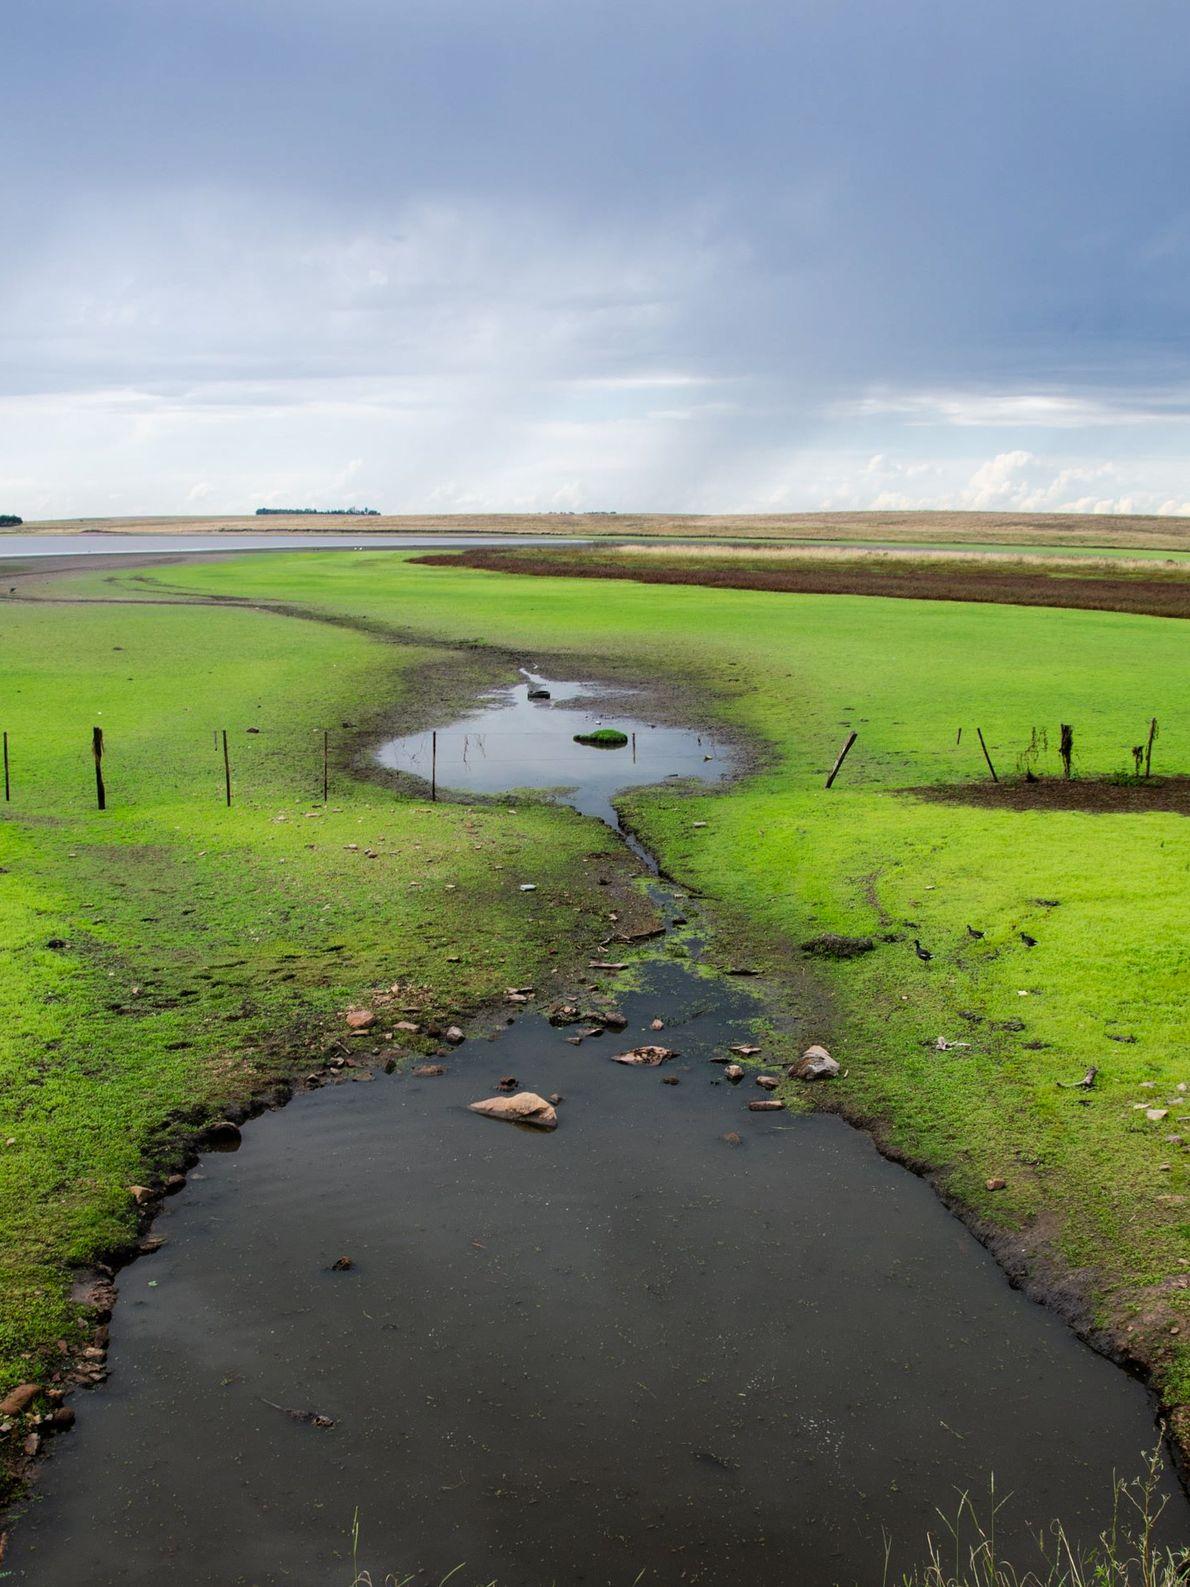 Grandes áreas alagadas, conhecidas como charcos, são importantes estuários de vida selvagem. Essas águas têm sido ...